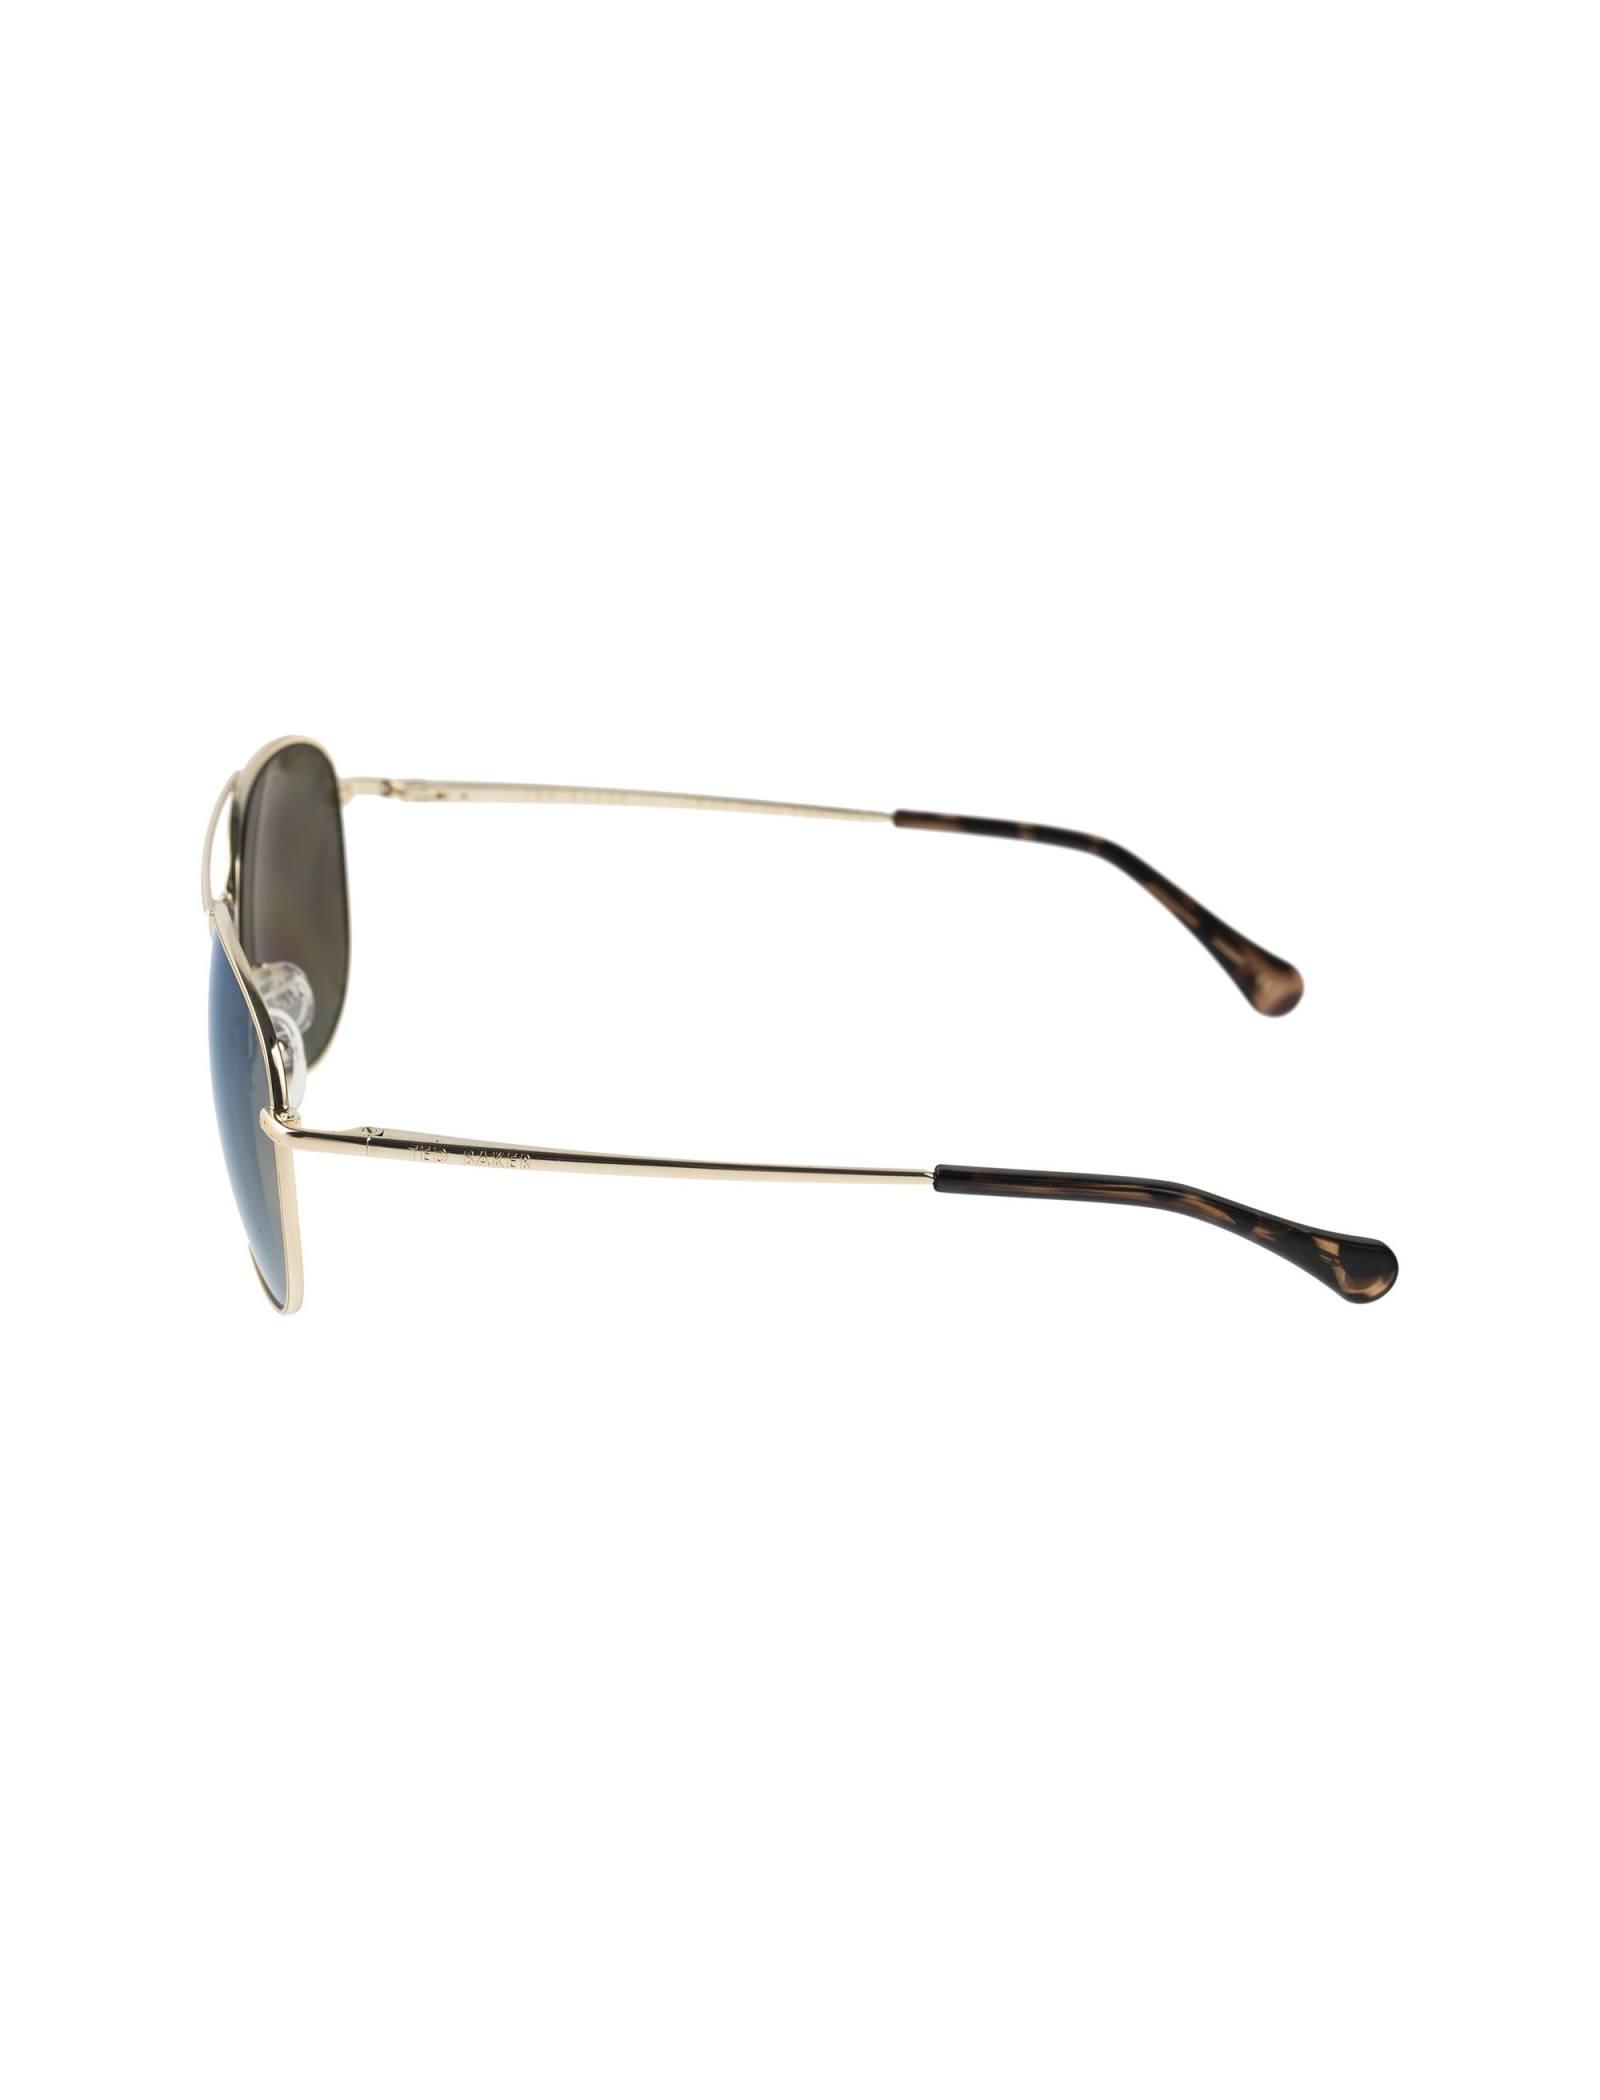 عینک آفتابی خلبانی زنانه - تد بیکر - طلايي    - 3